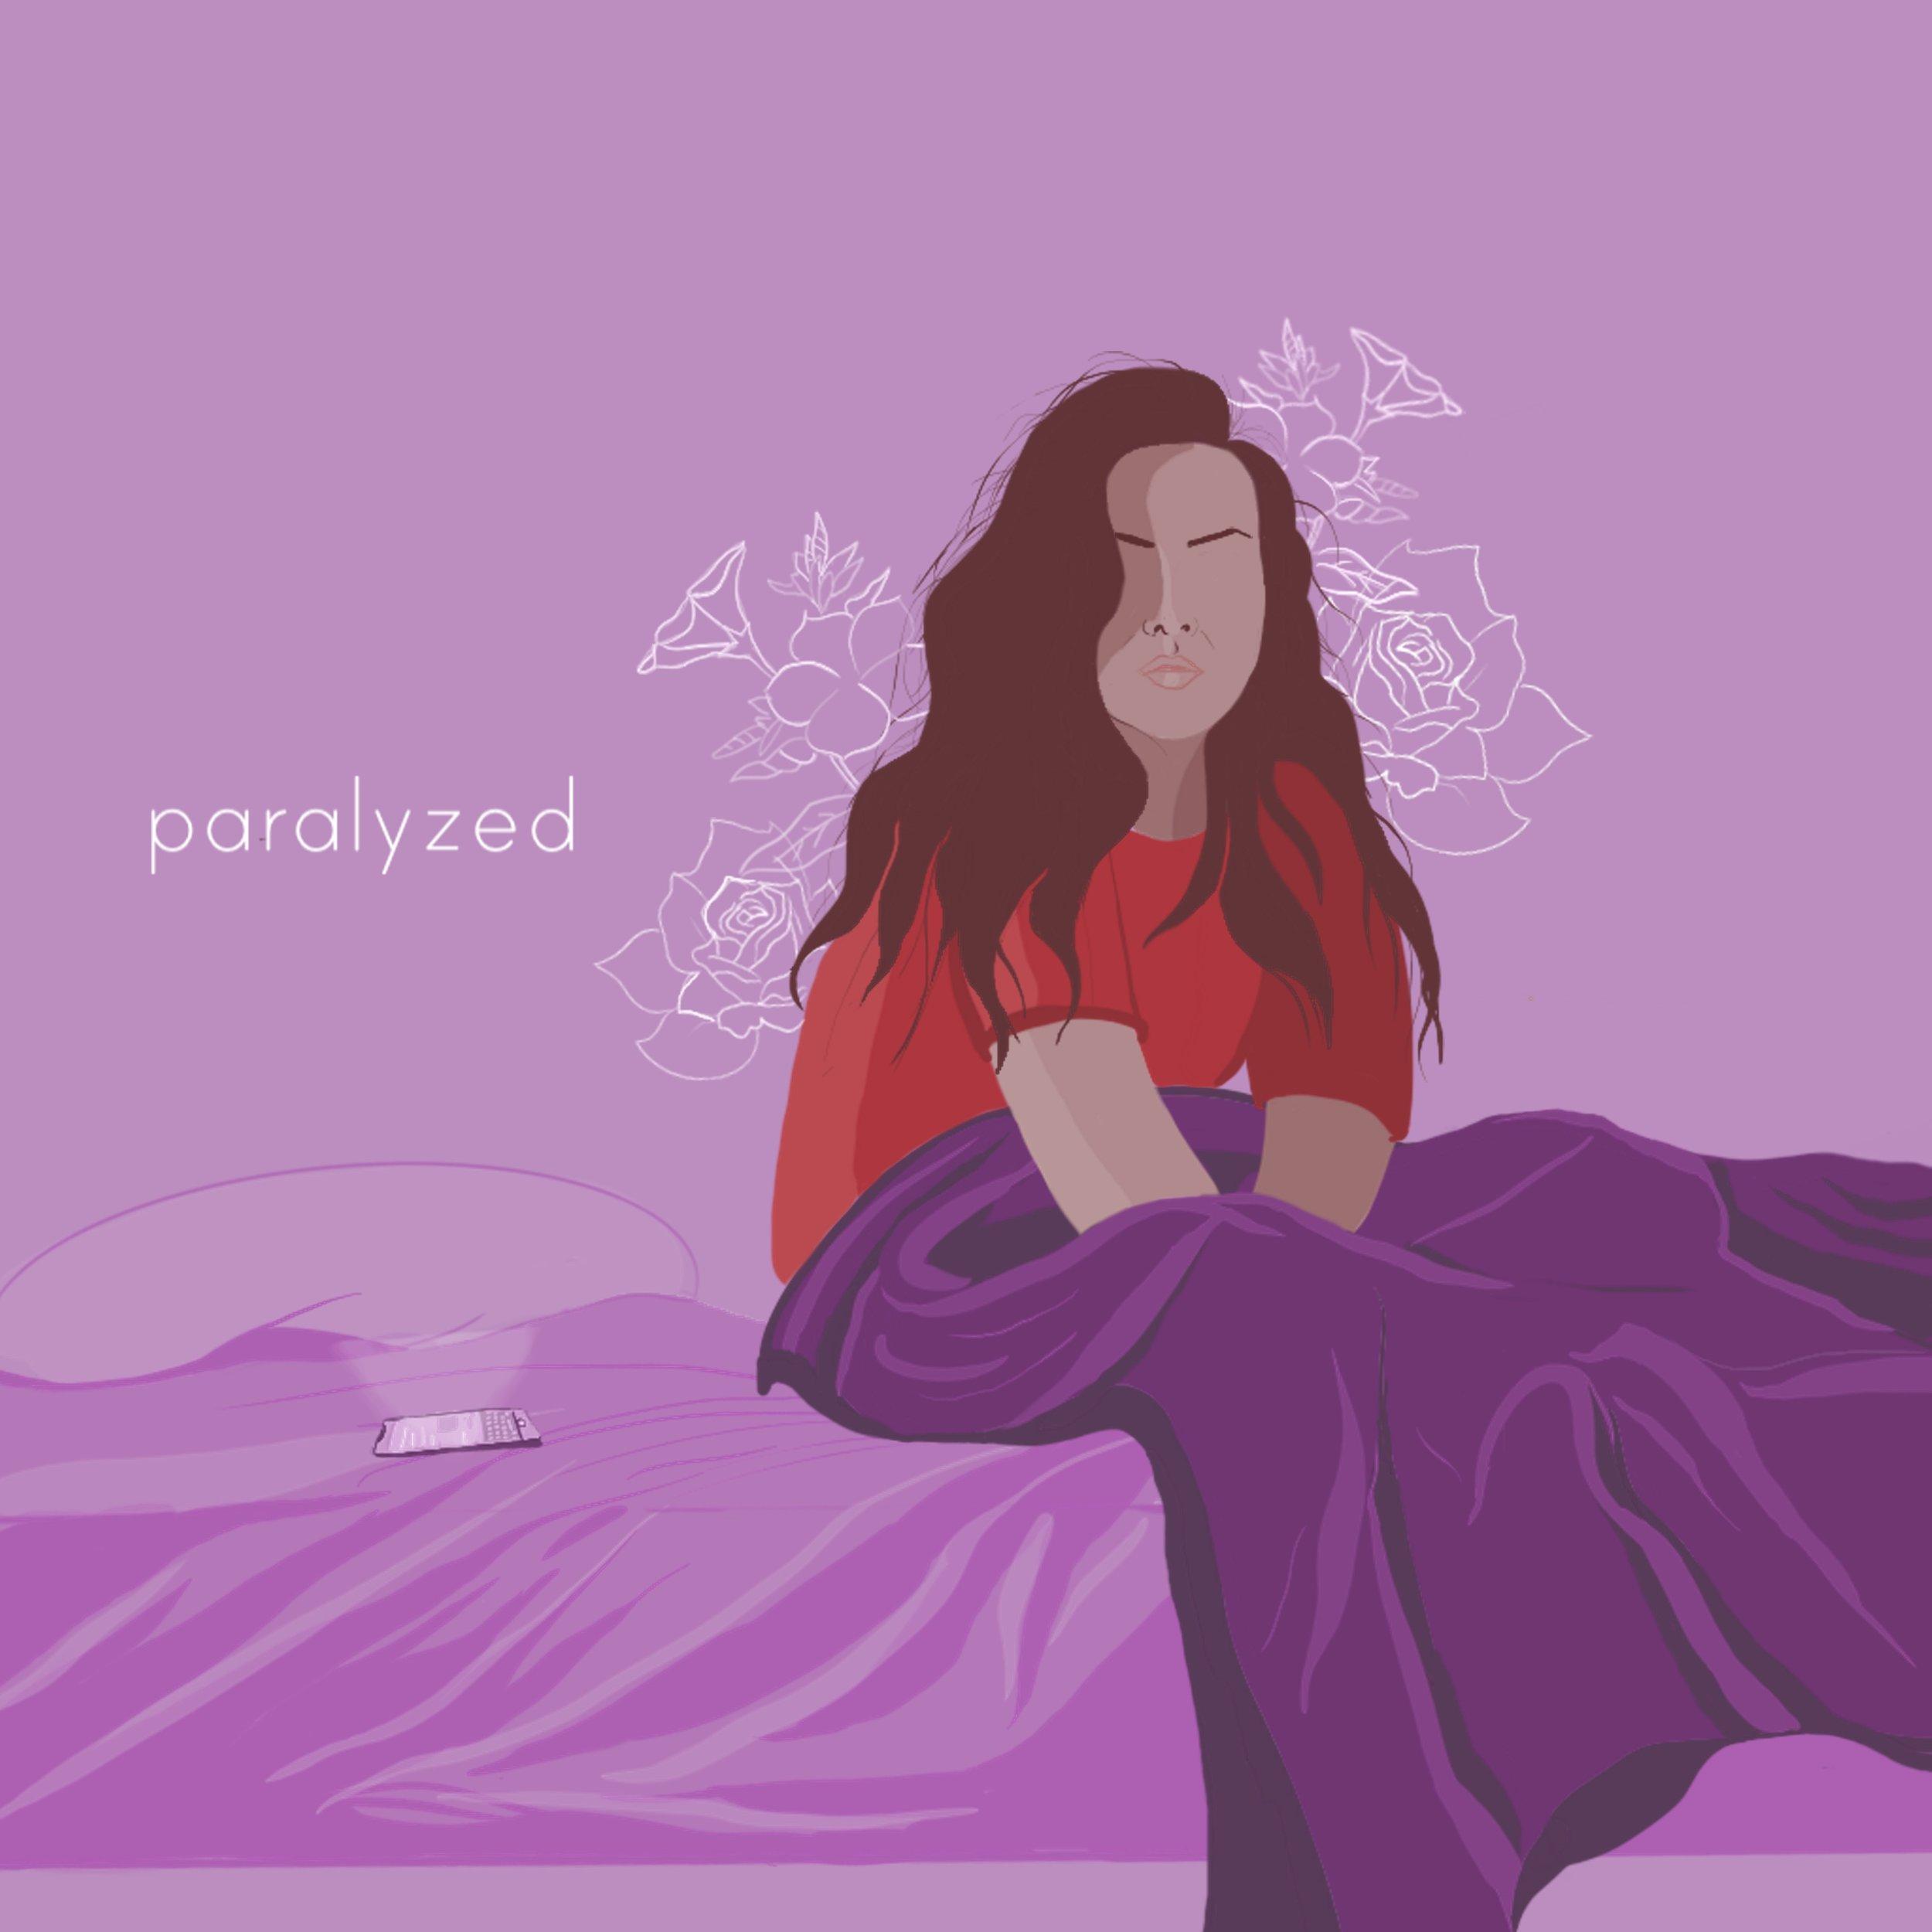 paralyzed2.jpg